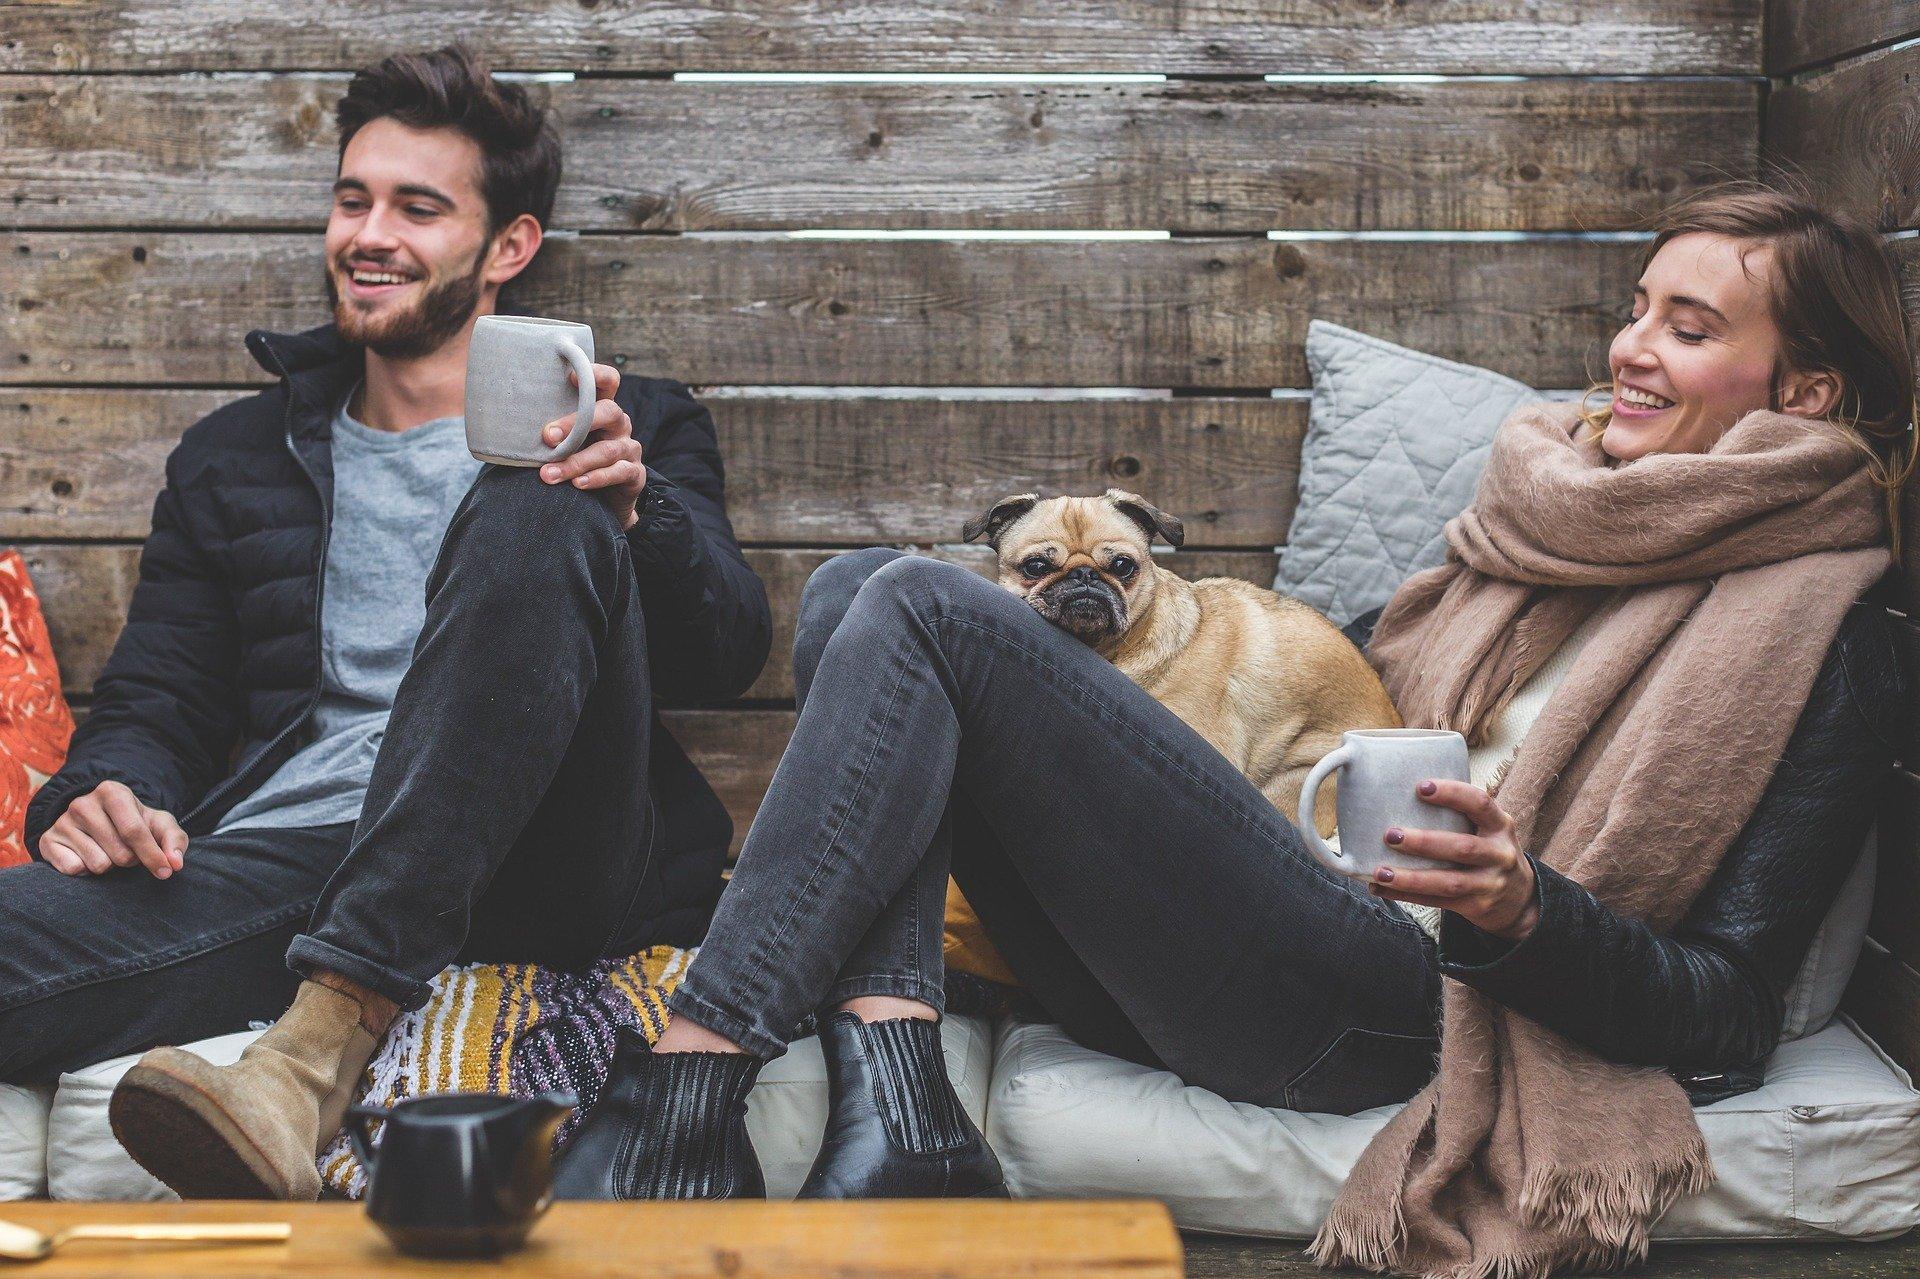 Moda y estilo a la hora de tomar café